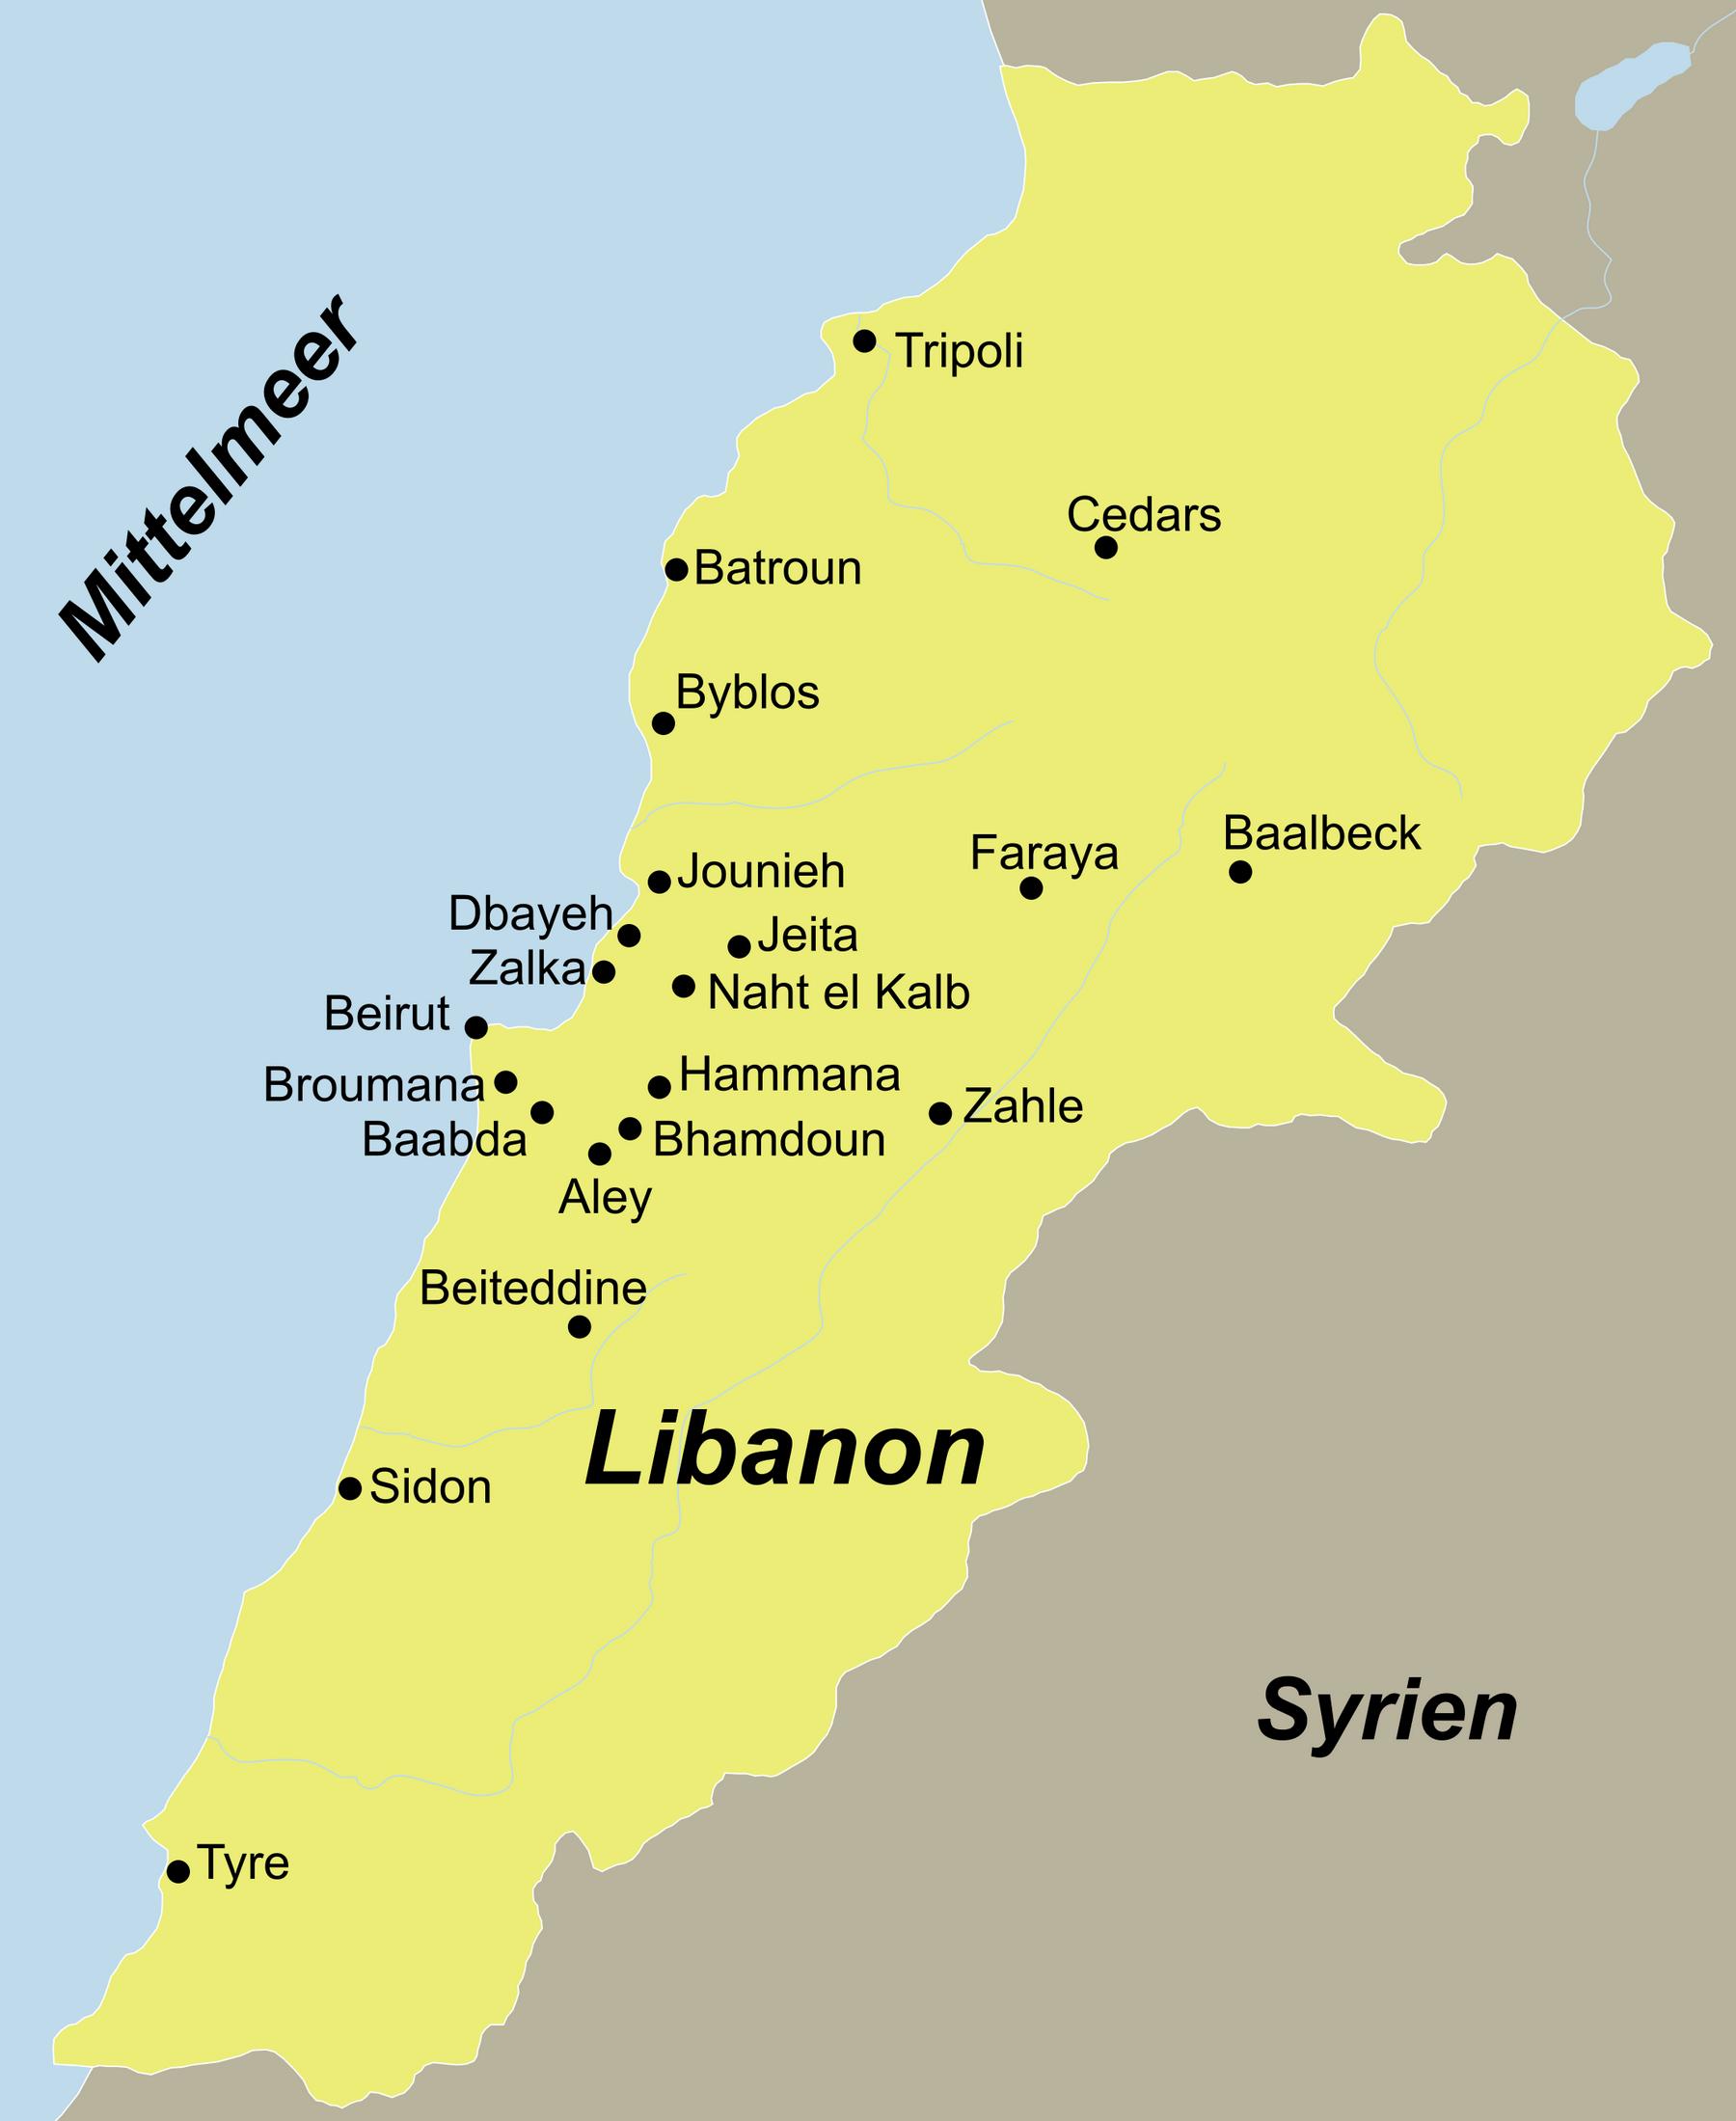 Libanon Traumurlaub anspruchsvoll mit dem Reiseveranstalter reisefieber planen und reisen.